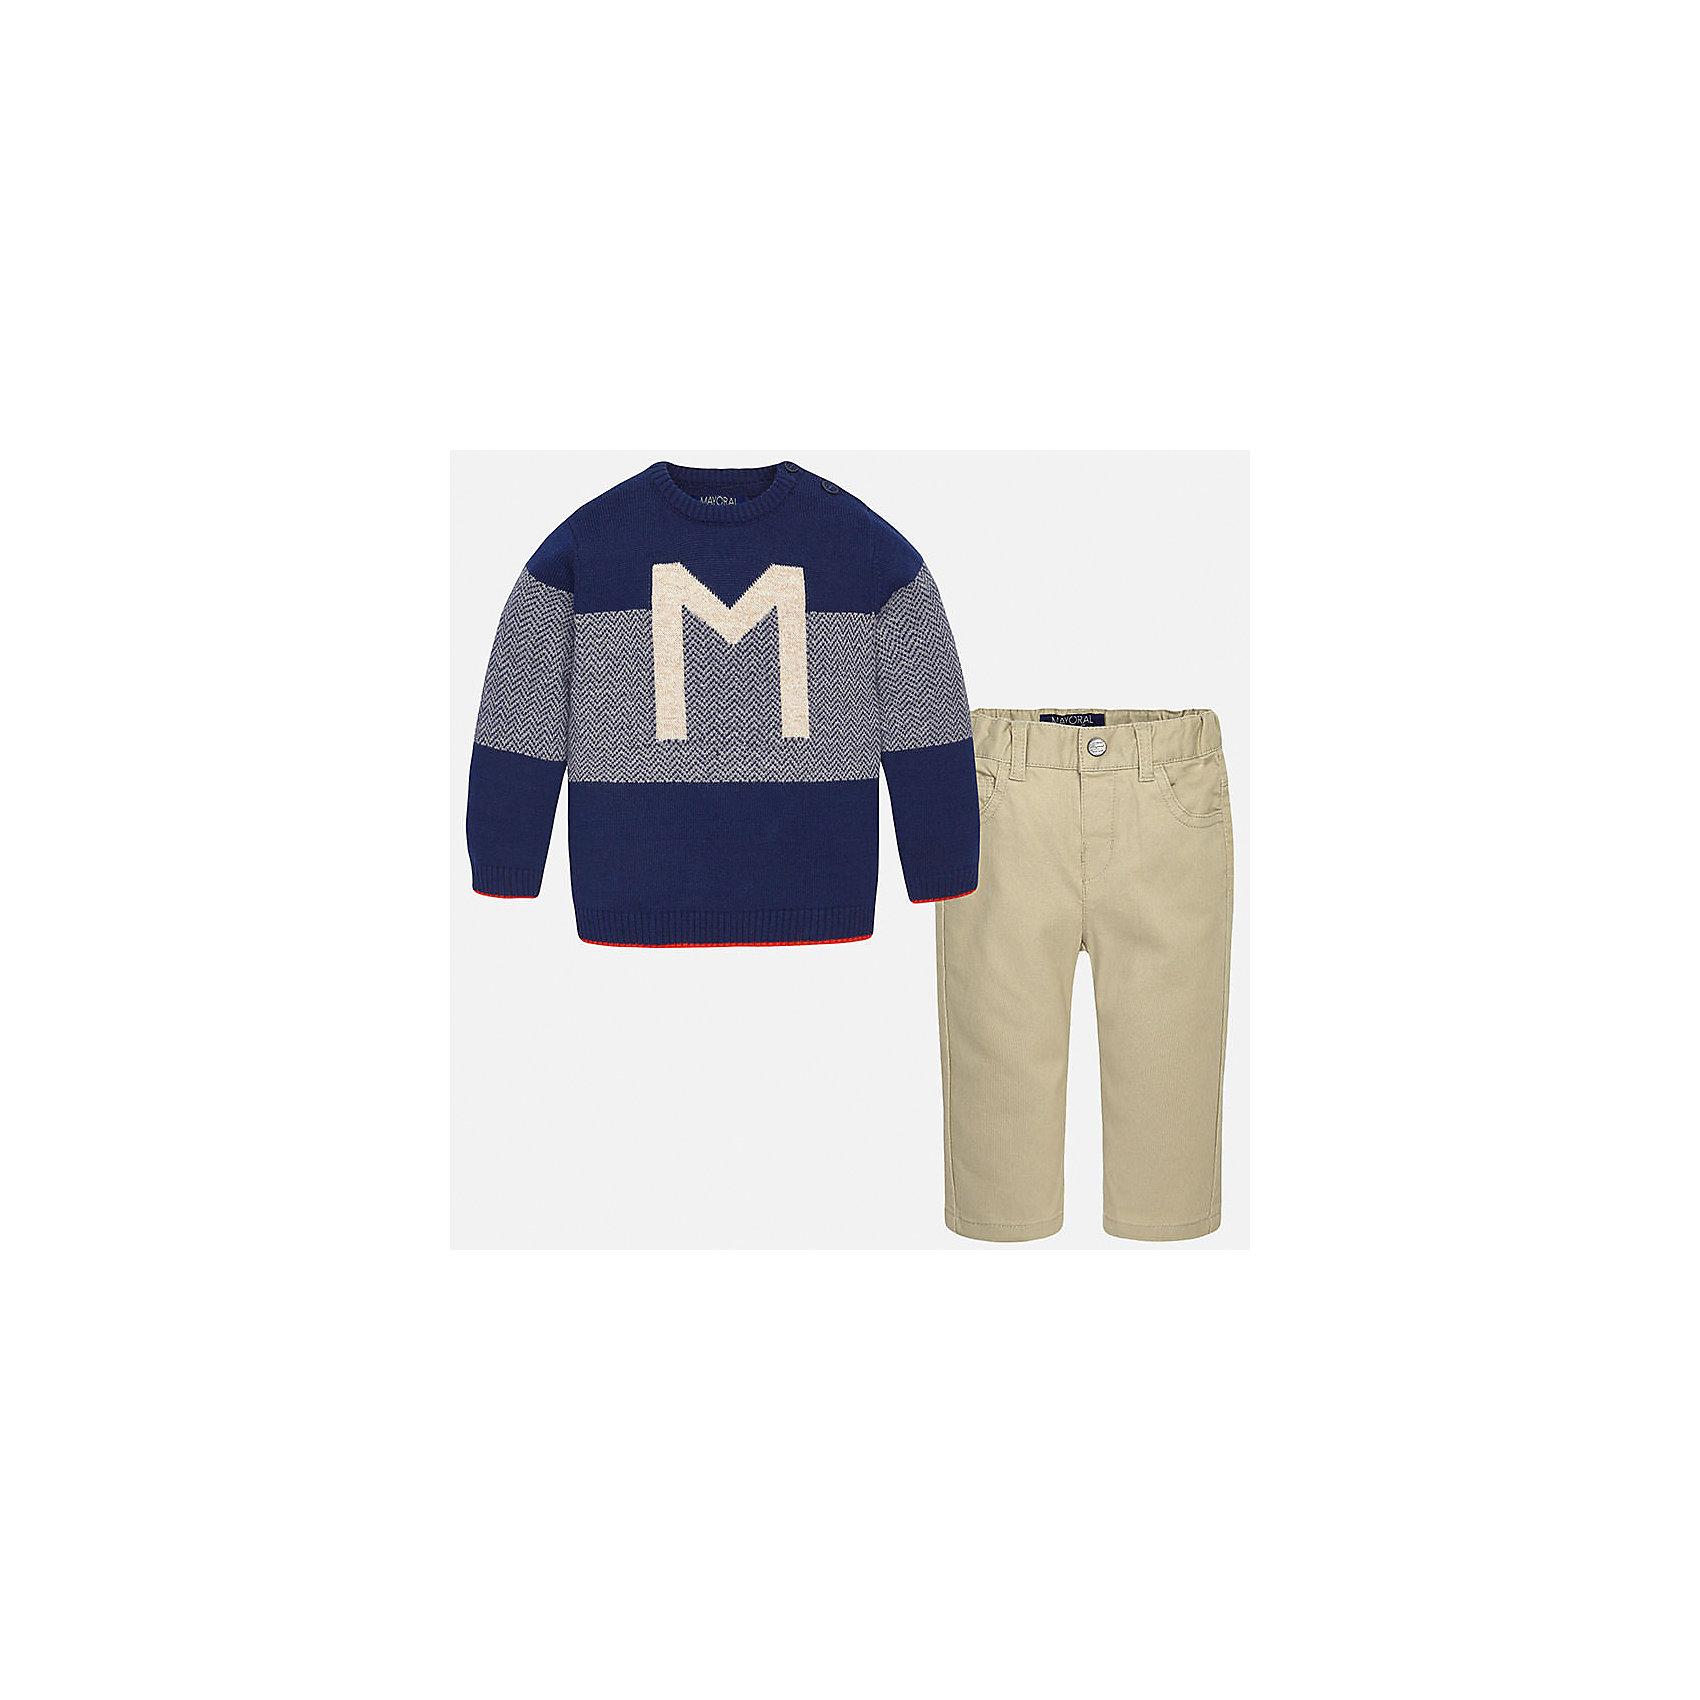 Комплект: джемпер и брюки для мальчика MayoralКомплекты<br>Комплект: джемпер и брюки для мальчика Mayoral (Майорал)<br>Комплект джемпер и брюки для мальчика от известной испанской марки Mayoral (Майорал) - прекрасный вариант для повседневной носки. Он состоит из джемпера с длинными рукавами и длинных брюк. Джемпер с округлым вырезом горловины, декорированный изображением буквы М и каемкой красного цвета, выполнен из мягкой, приятной на ощупь ткани. Удобный крой не будет стеснять движений вашего ребенка, а благодаря застежкам-пуговицам, расположенным на плече, переодевание будет быстрым и легким. Брюки прямого кроя, застегиваются на кнопку. Пояс на резинке. Комплект выполнен из высококачественных материалов, прекрасно смотрится на фигуре, не линяет и не выцветает.<br><br>Дополнительная информация:<br><br>- Комплектация: брюки, джемпер<br>- Цвет: темно-синий, желтовато-коричневый<br>- Состав: джемпер - 45% хлопок, 55% акрил; брюки – 98% хлопок, 2% эластан<br>- Уход за вещами: бережная стирка при 30 градусах<br><br>Комплект: джемпер и брюки для мальчика Mayoral (Майорал) можно купить в нашем интернет-магазине.<br><br>Ширина мм: 190<br>Глубина мм: 74<br>Высота мм: 229<br>Вес г: 236<br>Цвет: бежевый<br>Возраст от месяцев: 6<br>Возраст до месяцев: 9<br>Пол: Мужской<br>Возраст: Детский<br>Размер: 74,92,86,80<br>SKU: 4820763